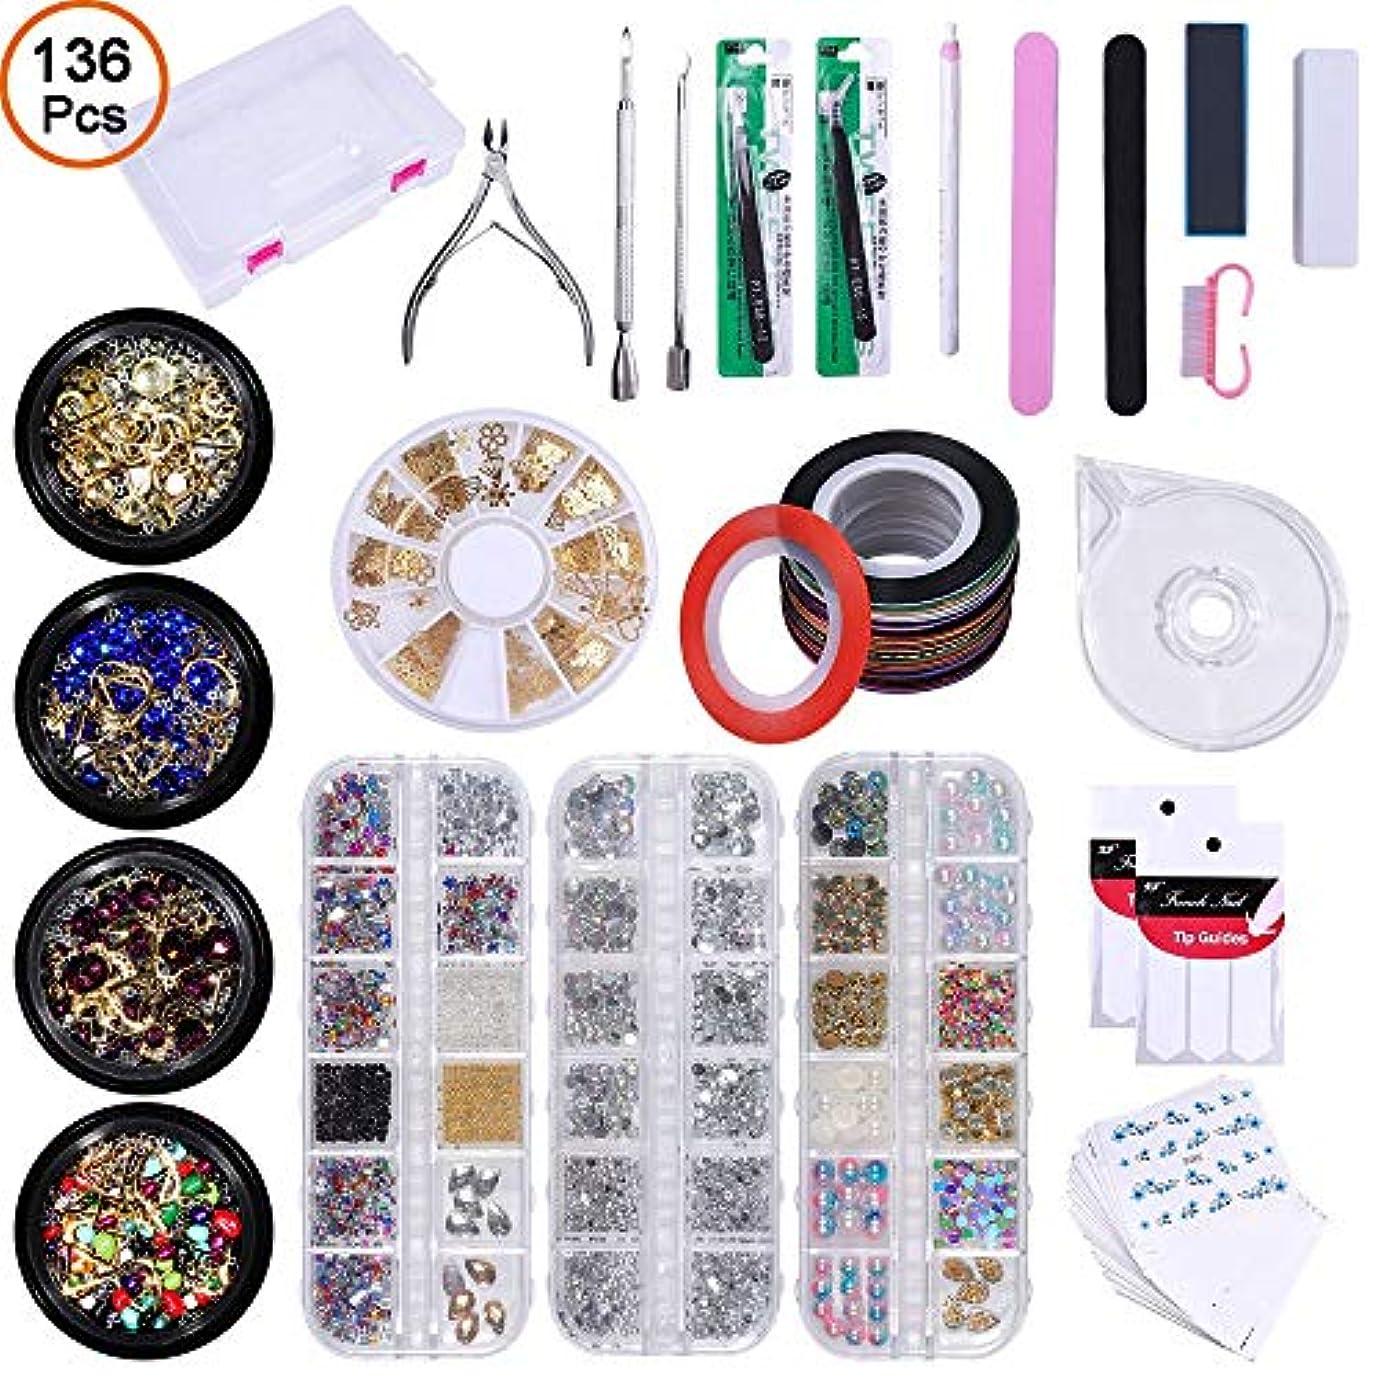 アカウントおもしろい現実には标题ネイル飾り物、ネイルアートツール セット:花柄ネイルアートシール、ネイル飾り物(真珠、リベット、金属、アクリル) 8箱、ネイルファイル、ネイルアートブラシ (Nail Art Set)